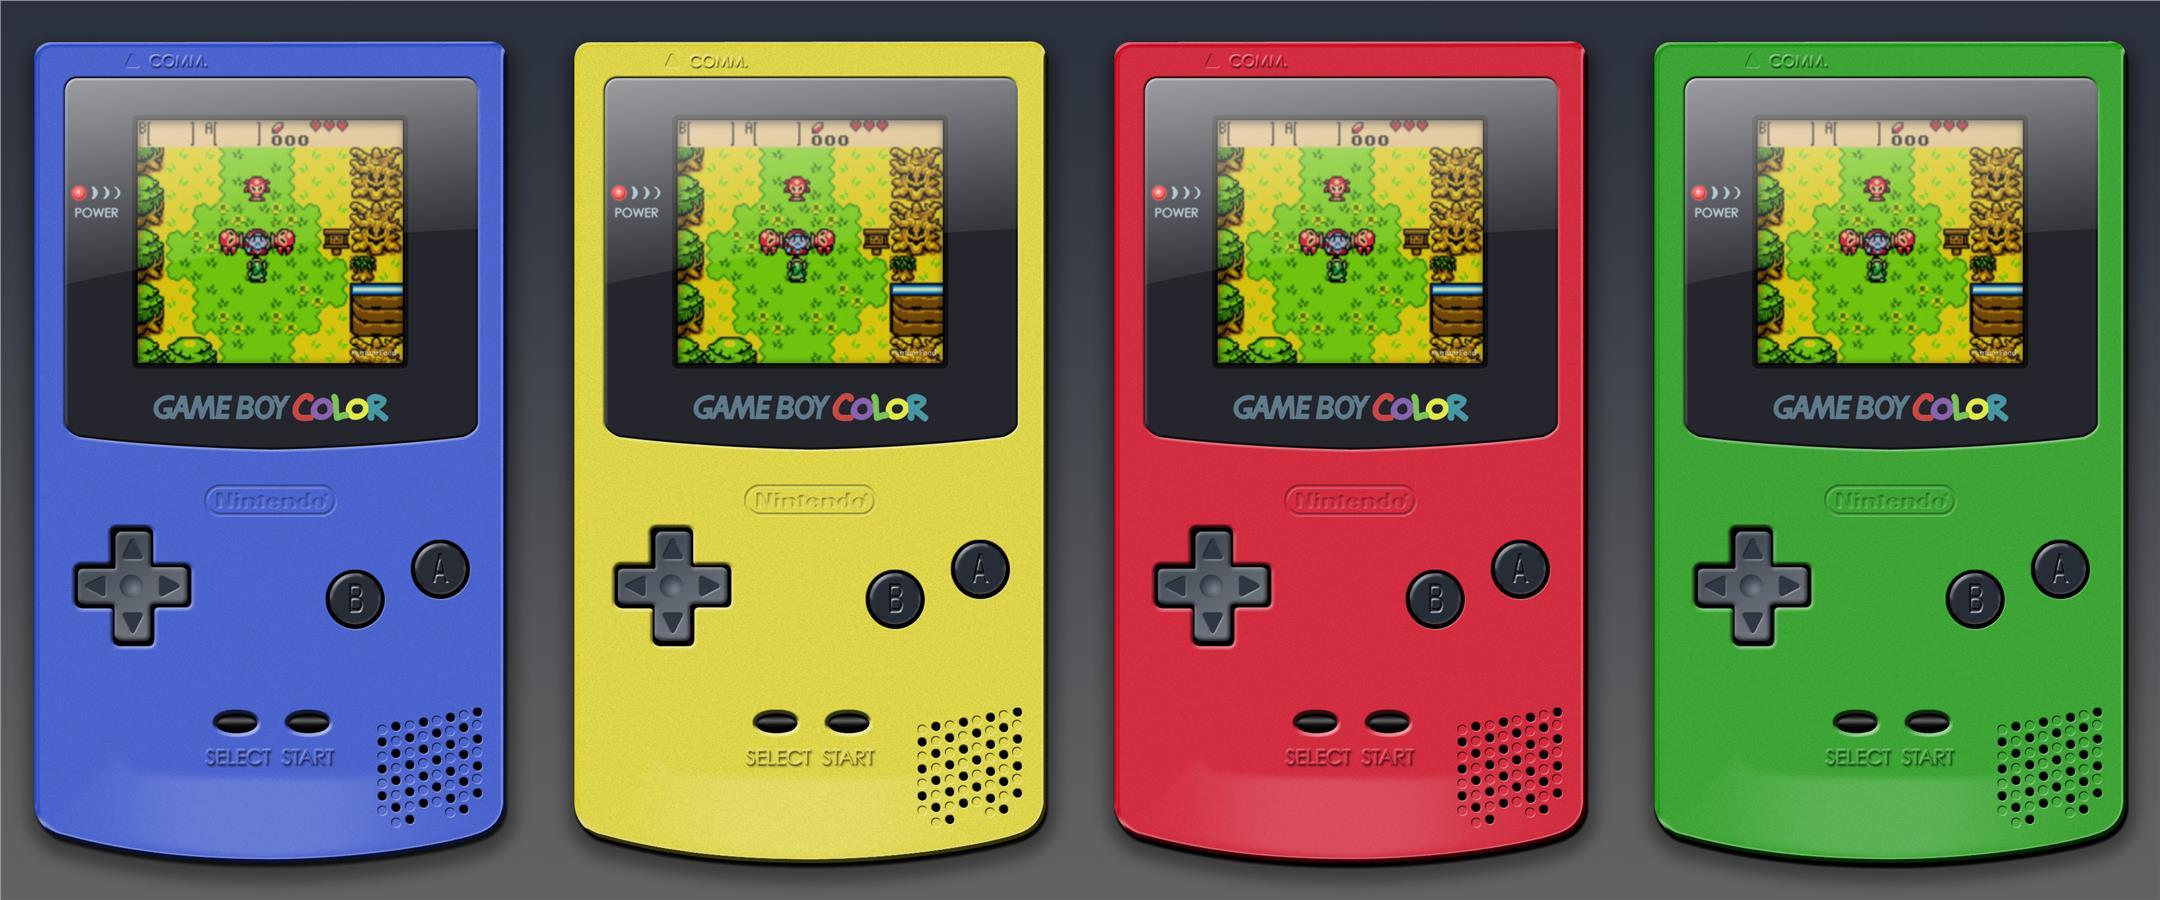 Game boy color - Nintendo Gameboy Color With 1 Multigames Bundle